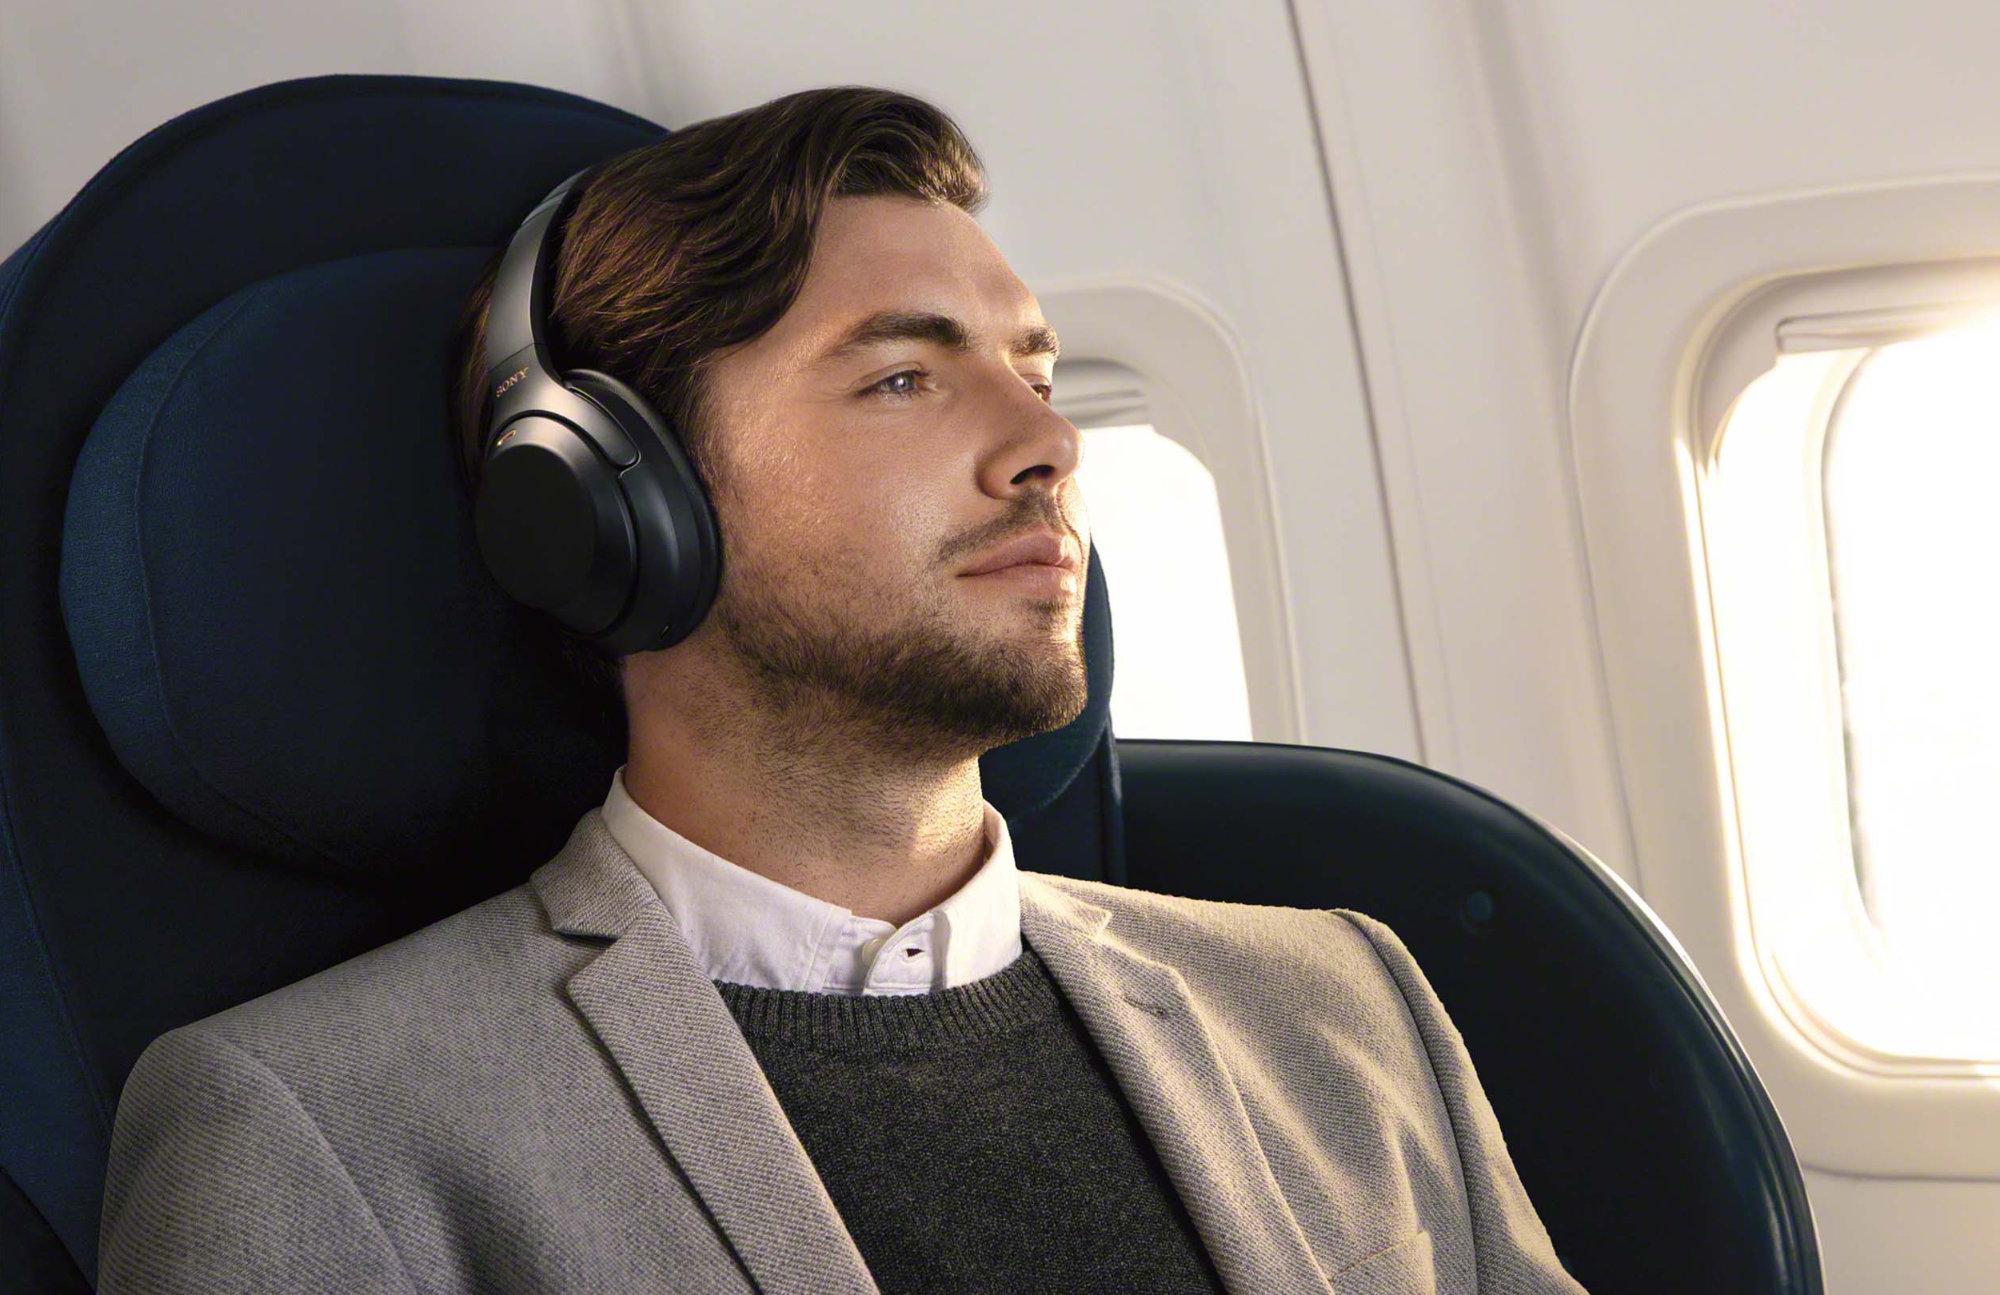 Sony WH-1000xM4 : Walmart révèle le prix et les fonctions du casque sans fil